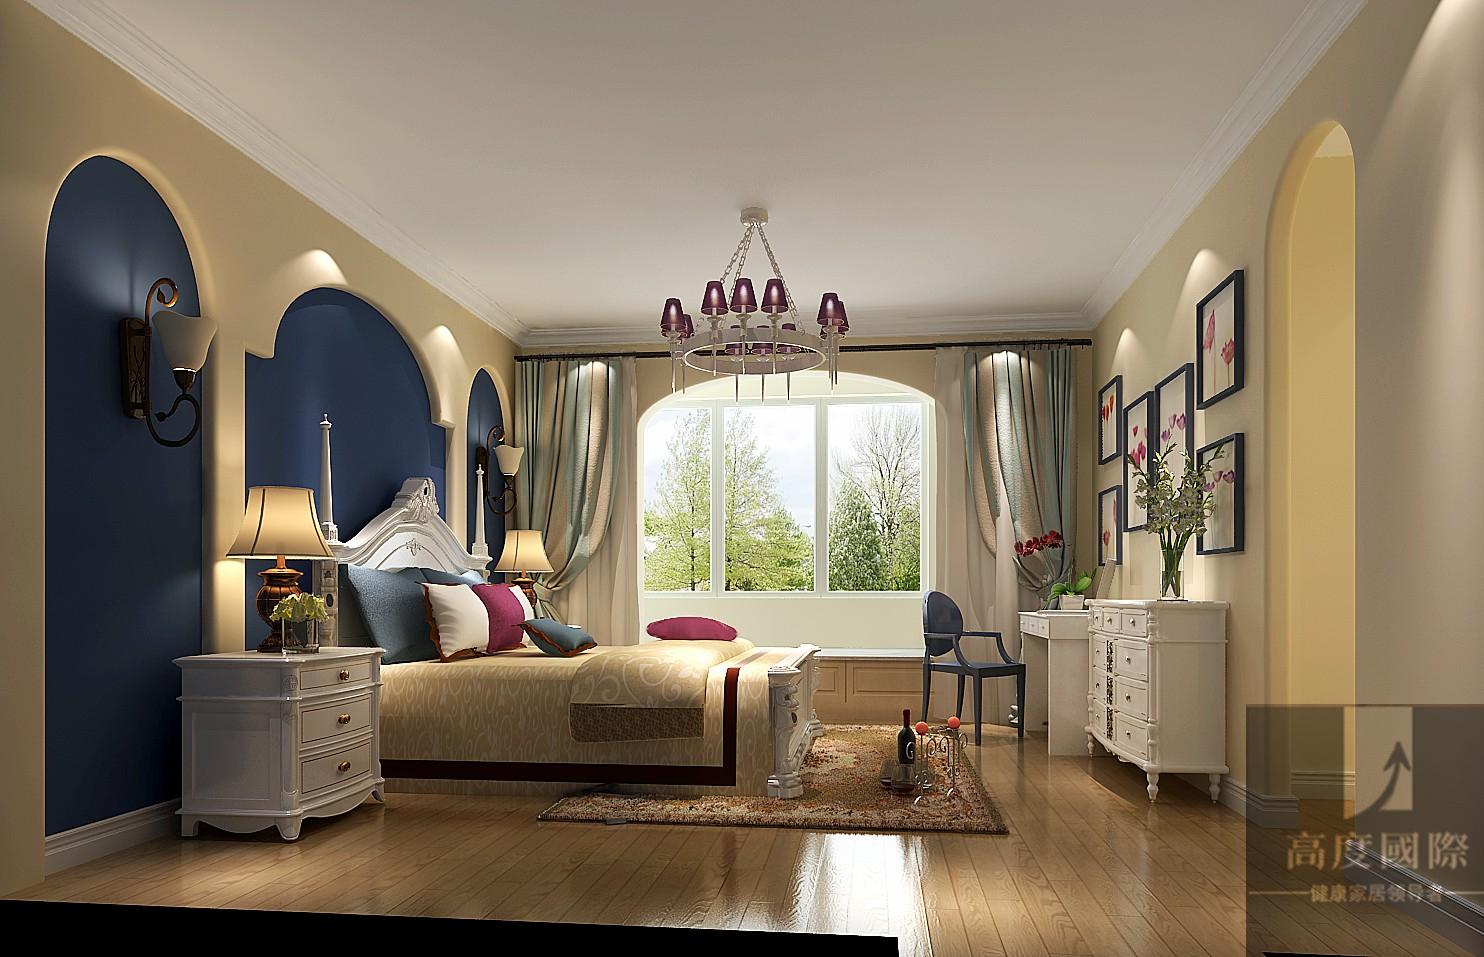 三居 简约 欧式 混搭 北京装修 卧室图片来自高度国际装饰韩冰在色彩鲜明的童屋的分享